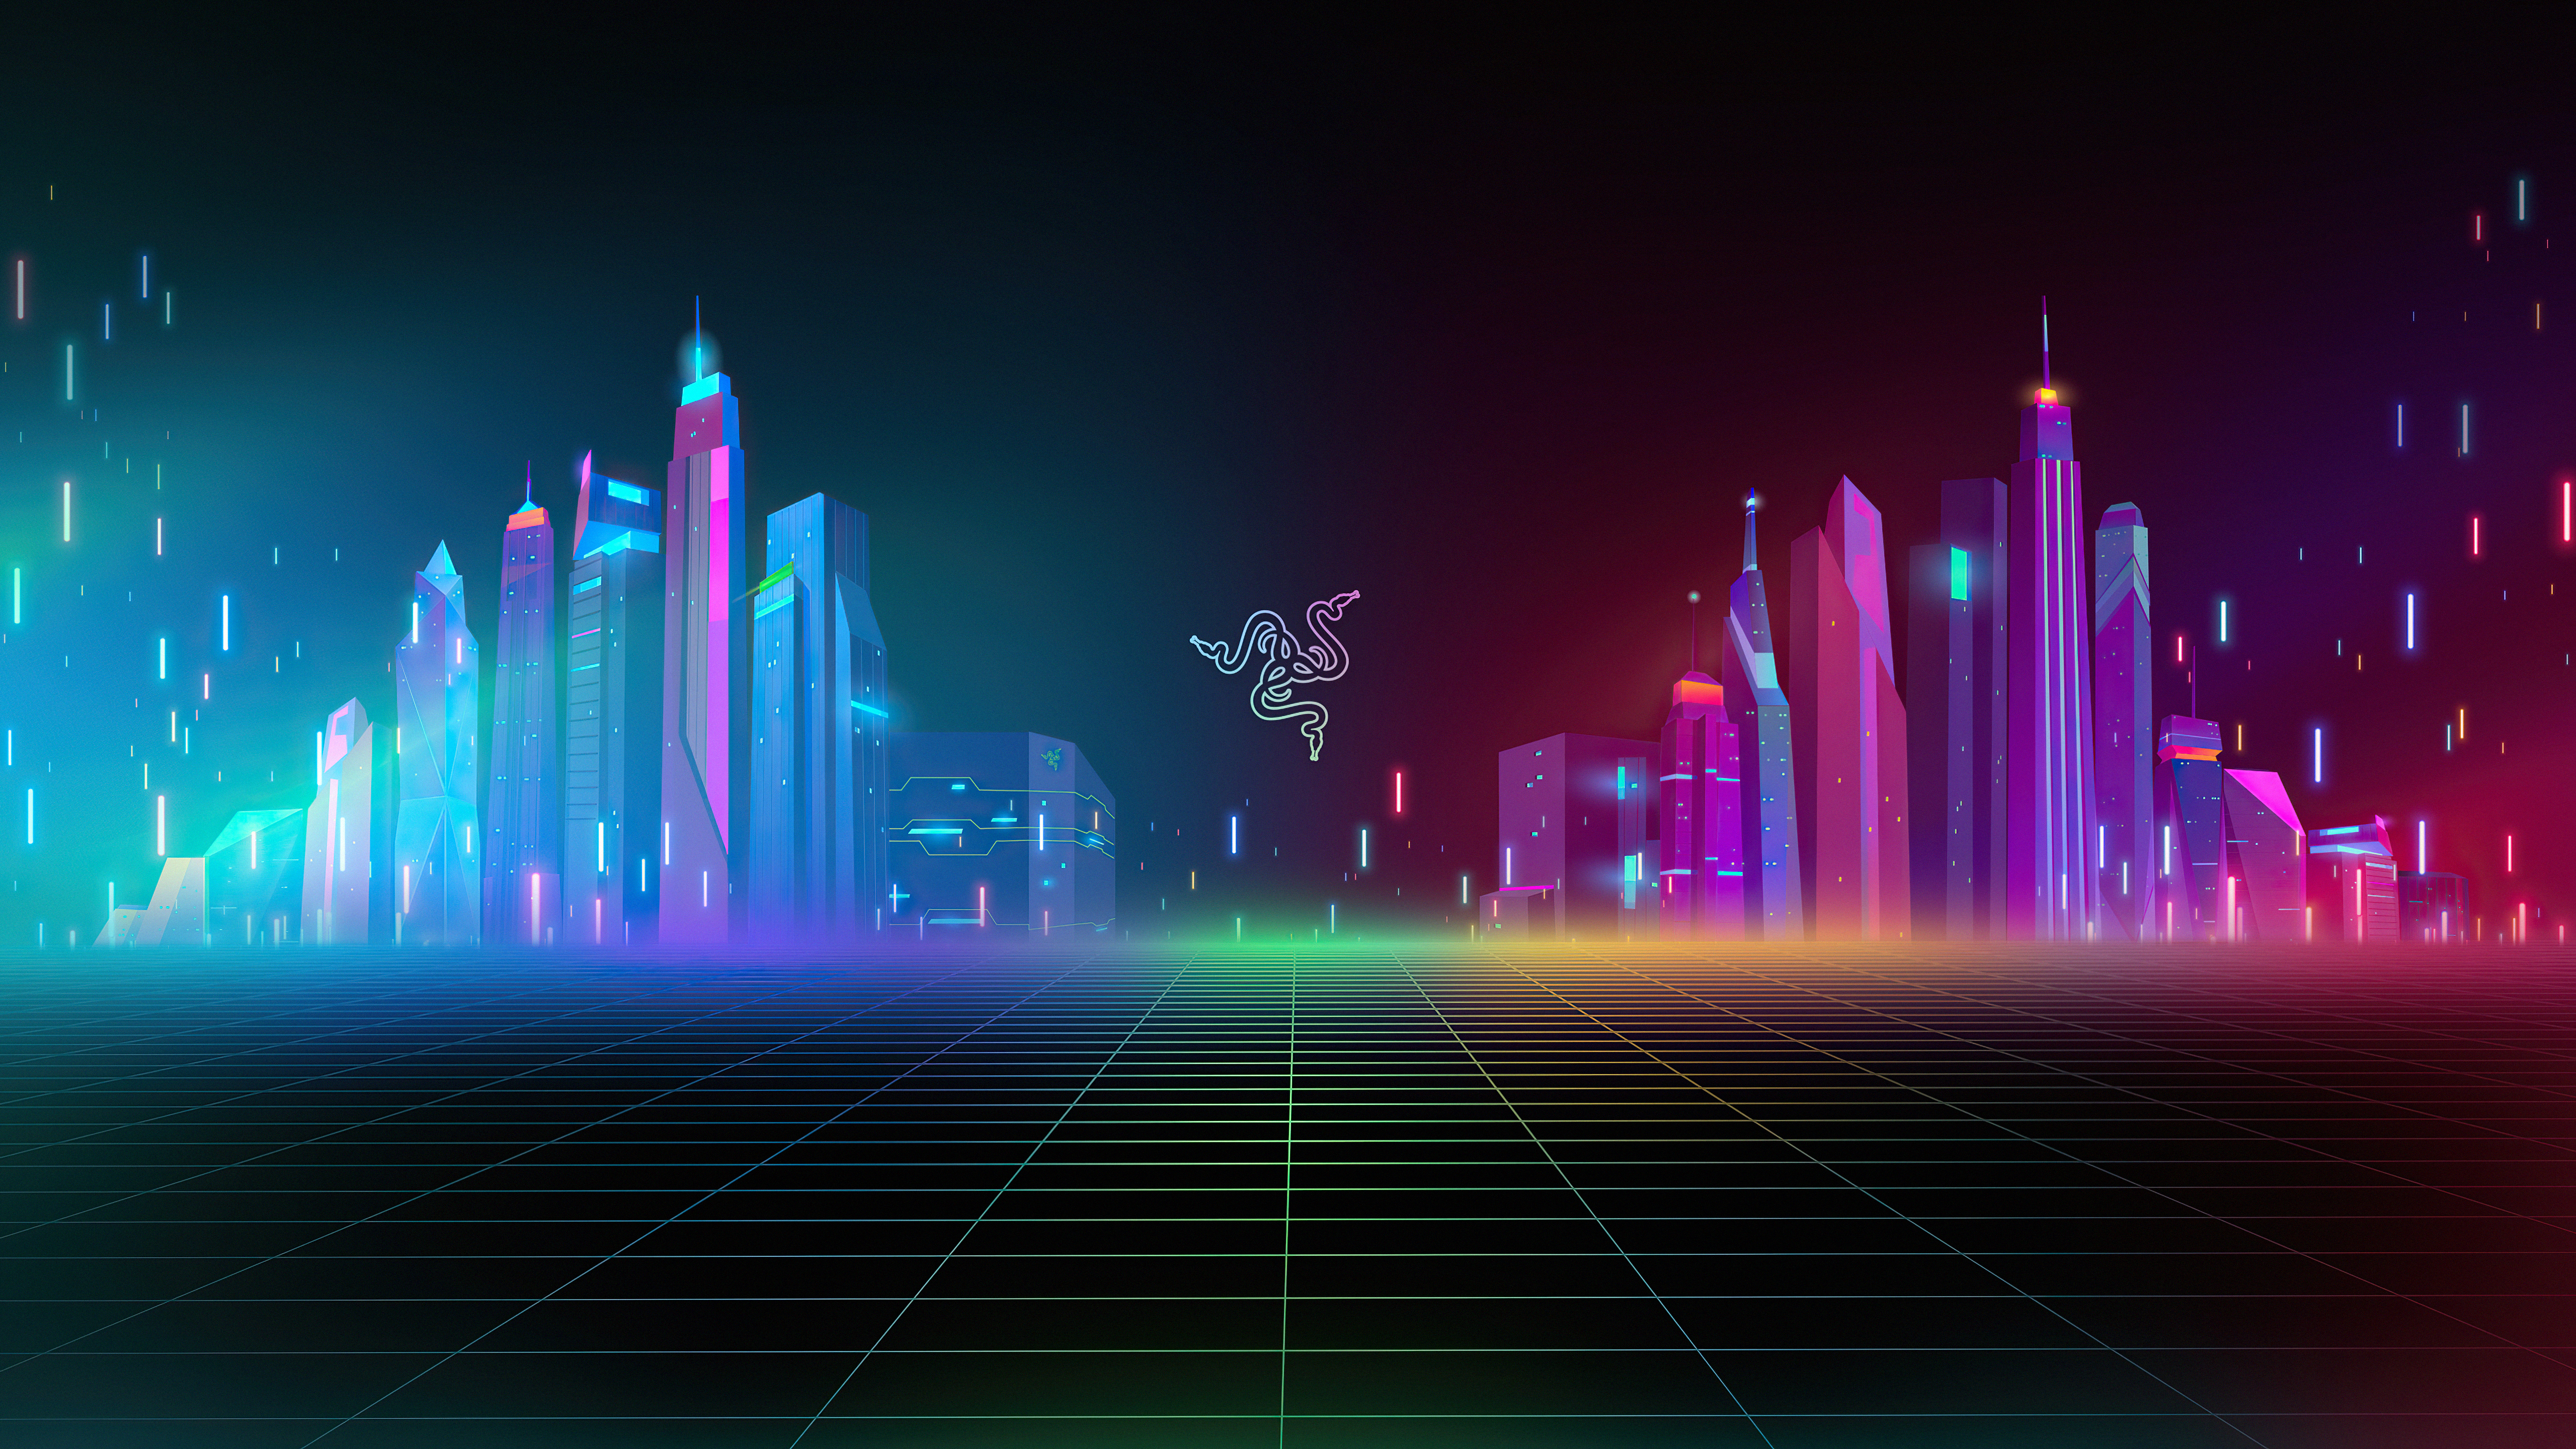 Fondos de pantalla Razer logo con edificios